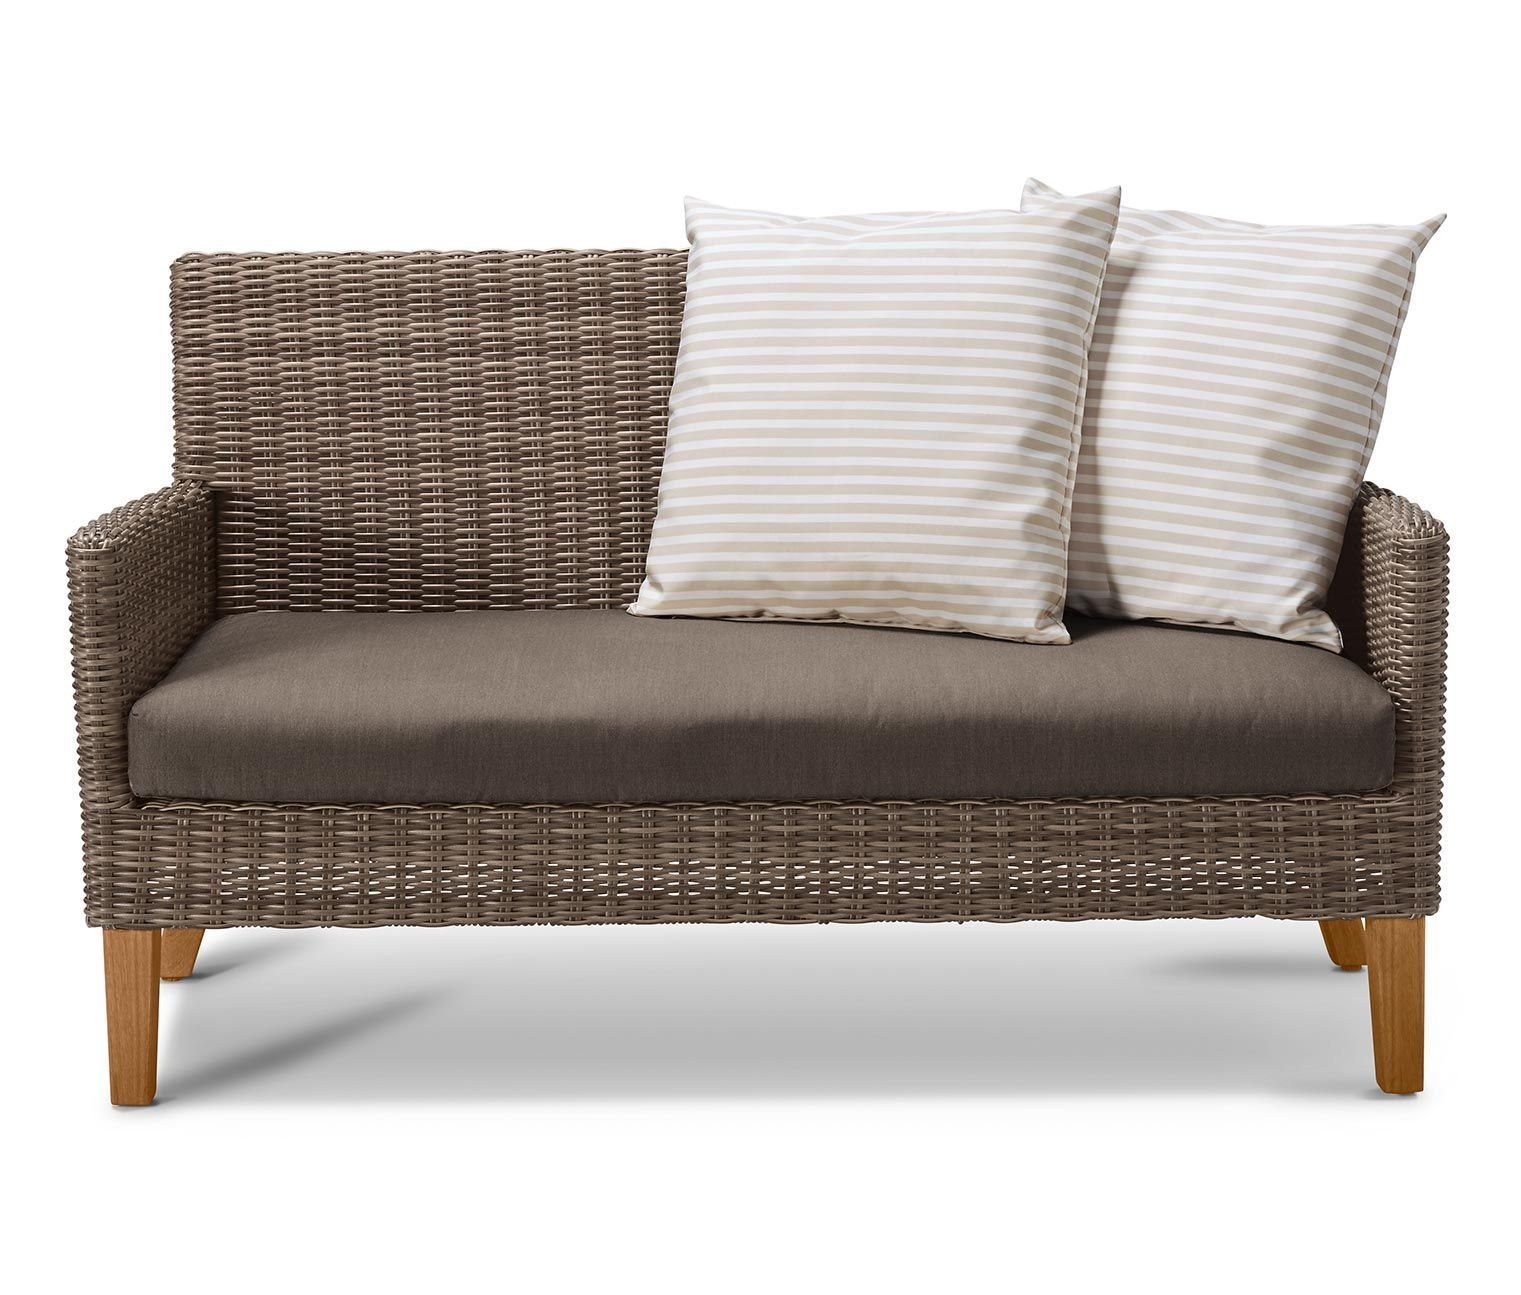 Full Size of Gartensofa Tchibo Komfort 2 In 1 2sitzer Bei Bestellen Ikea Balkonmbel Online Wohnzimmer Gartensofa Tchibo